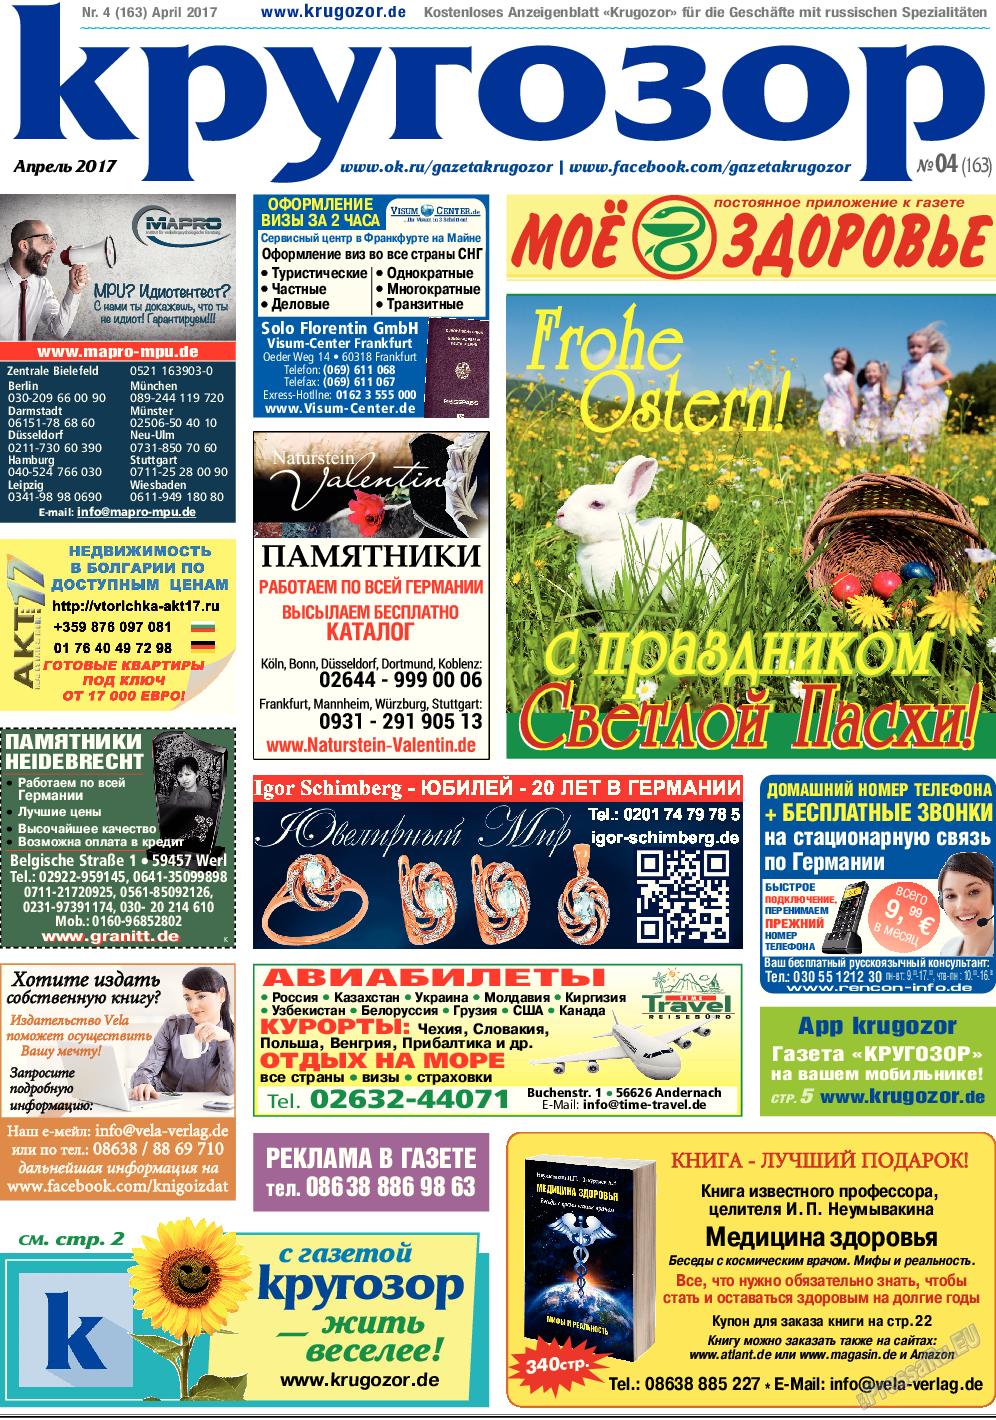 Кругозор (газета). 2017 год, номер 4, стр. 1